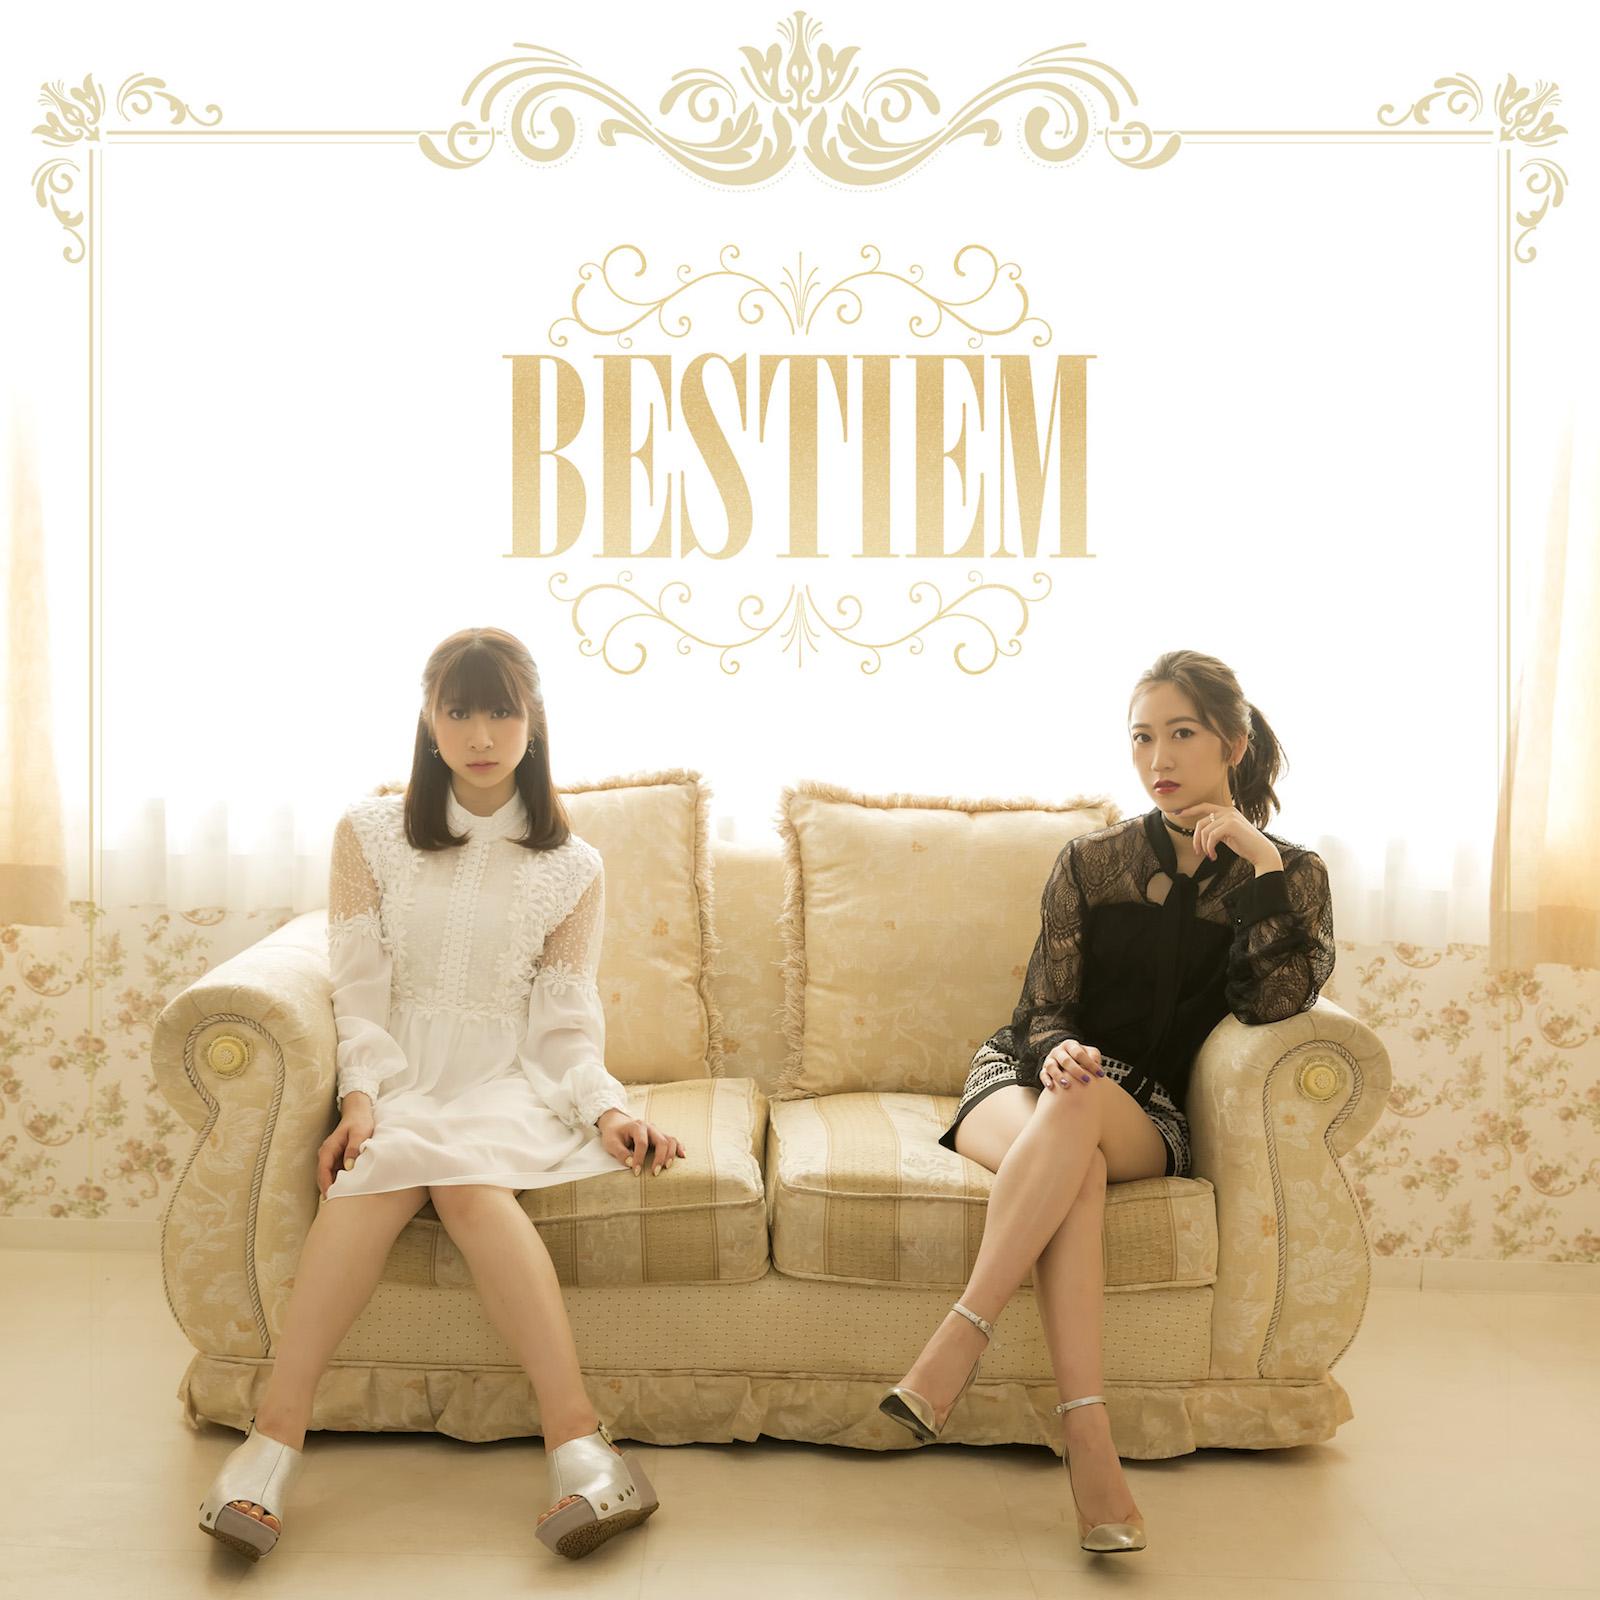 BESTIEM、1stアルバム「BESTIEM」リード曲「HANABI」MVとジャケ写が初解禁サムネイル画像